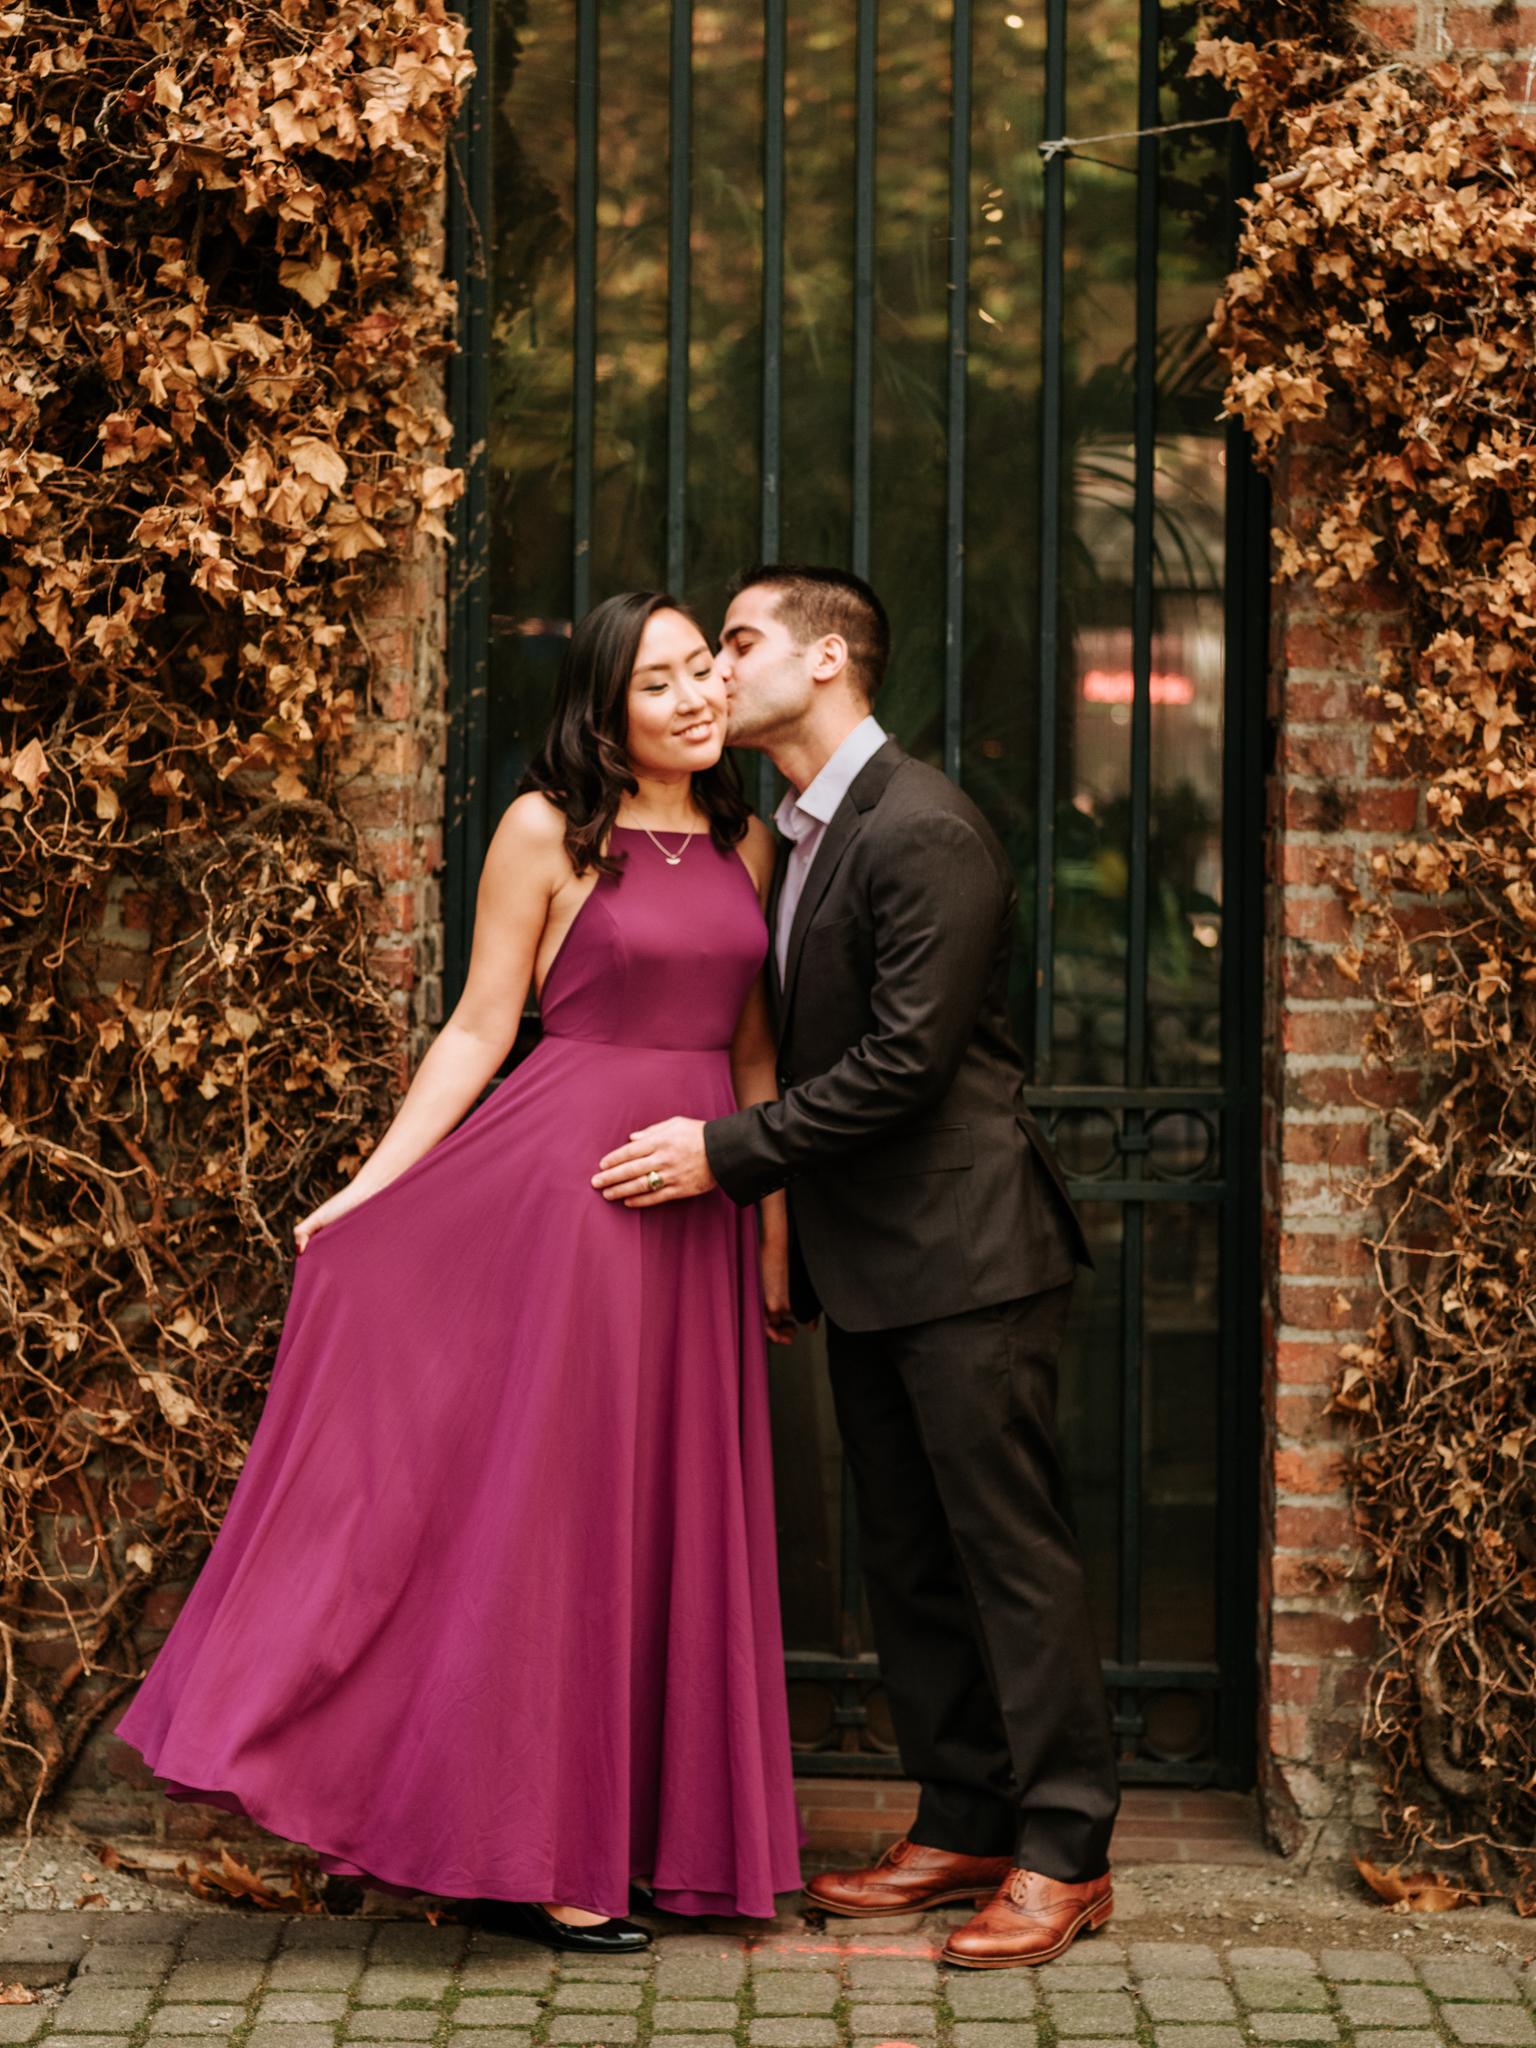 Seattle Engagement Photographer_Stolen Glimpses 9.jpg